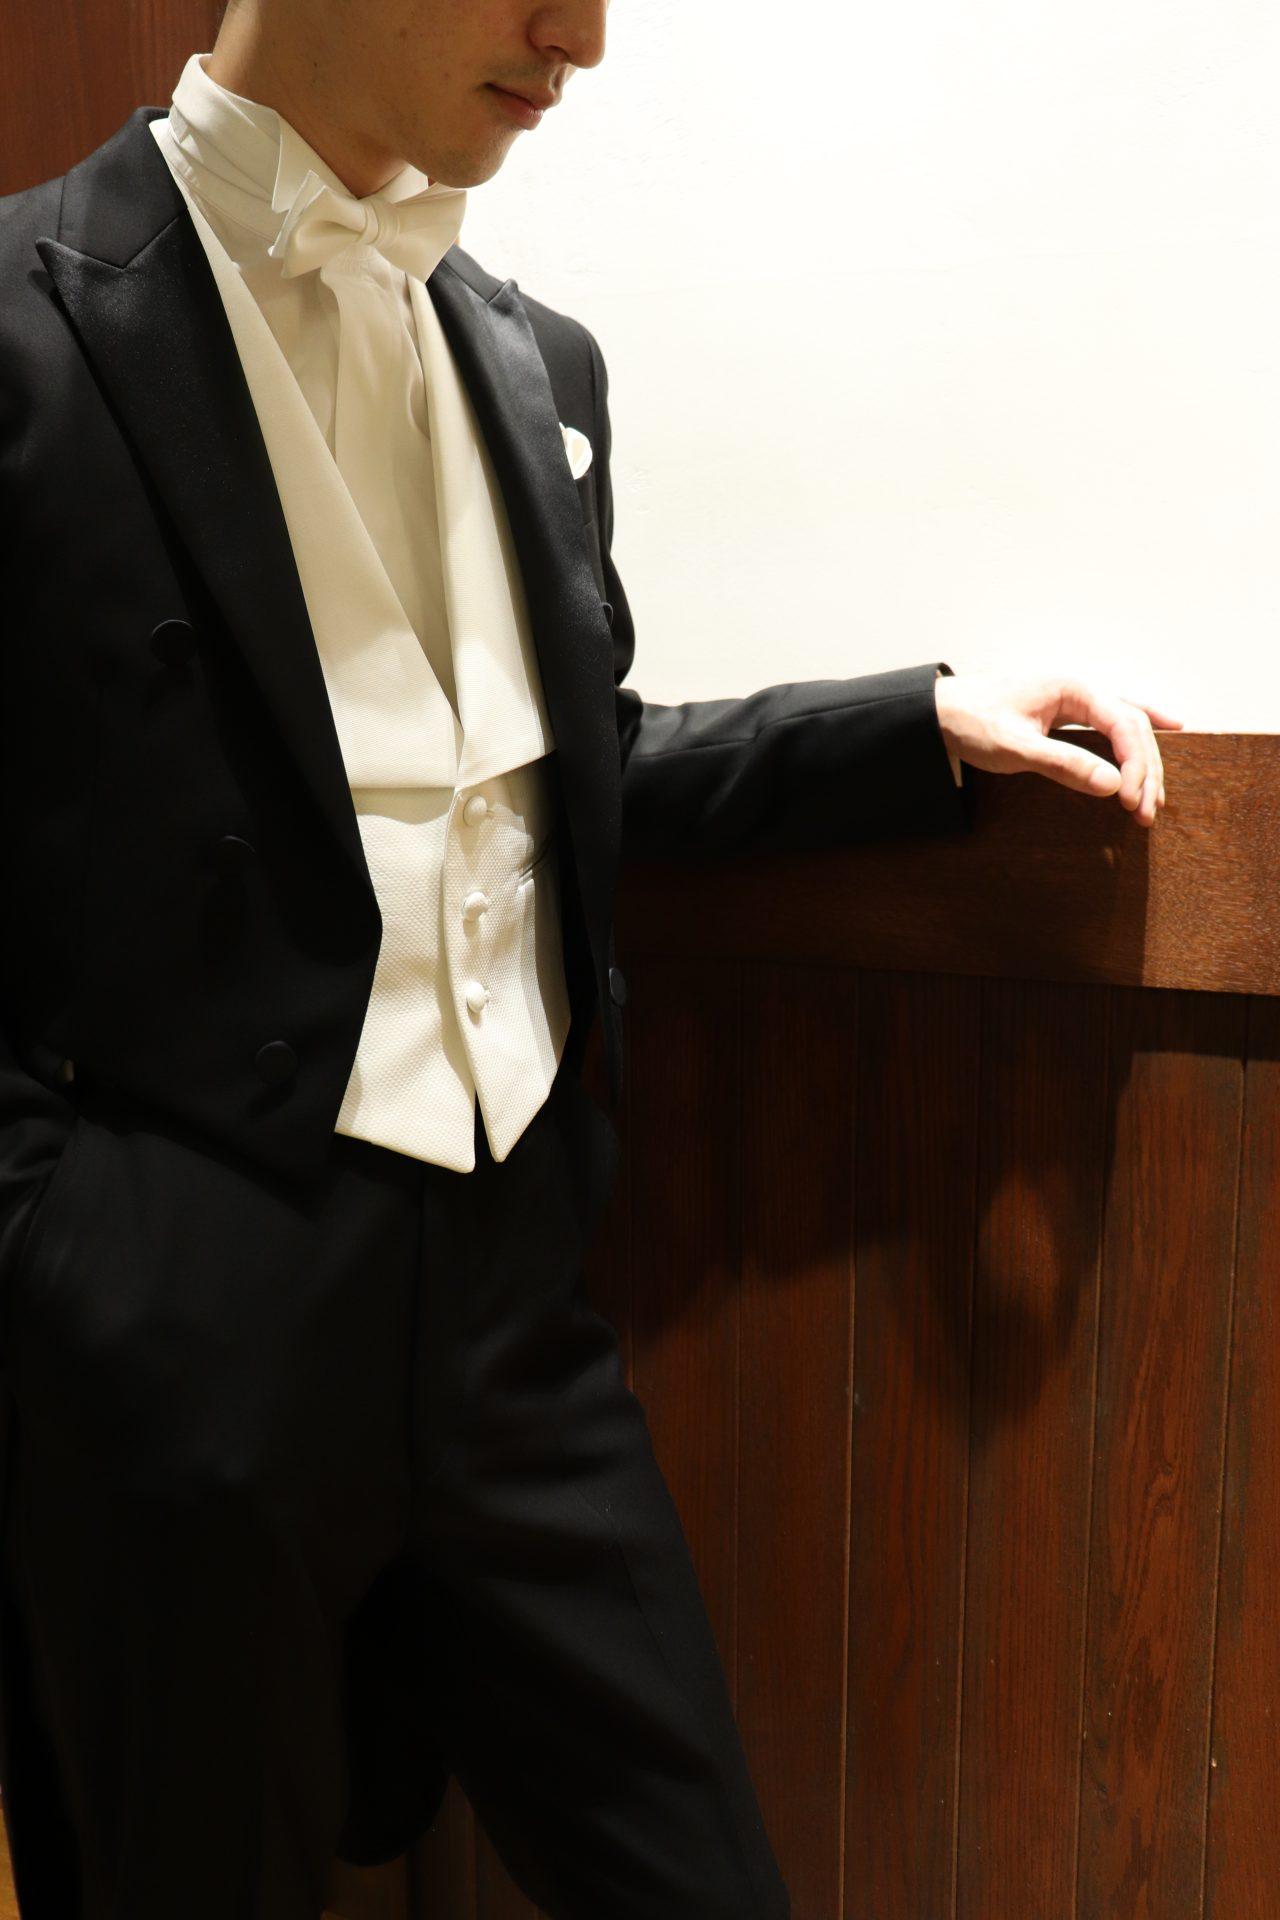 ・新郎様にお勧めしたい格式高い燕尾服でのフォーマルスタイル